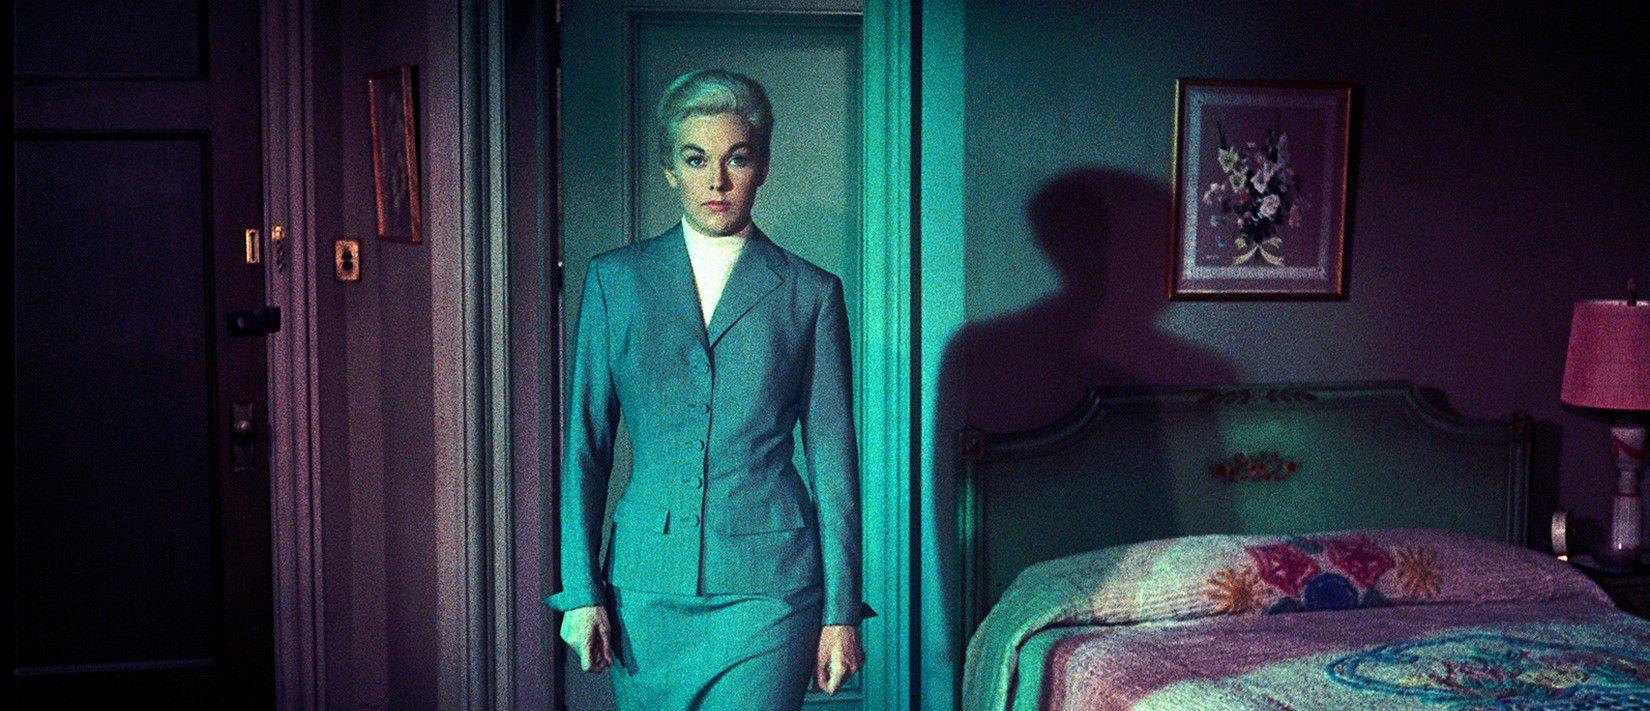 Image Result For Review Film Vertigo